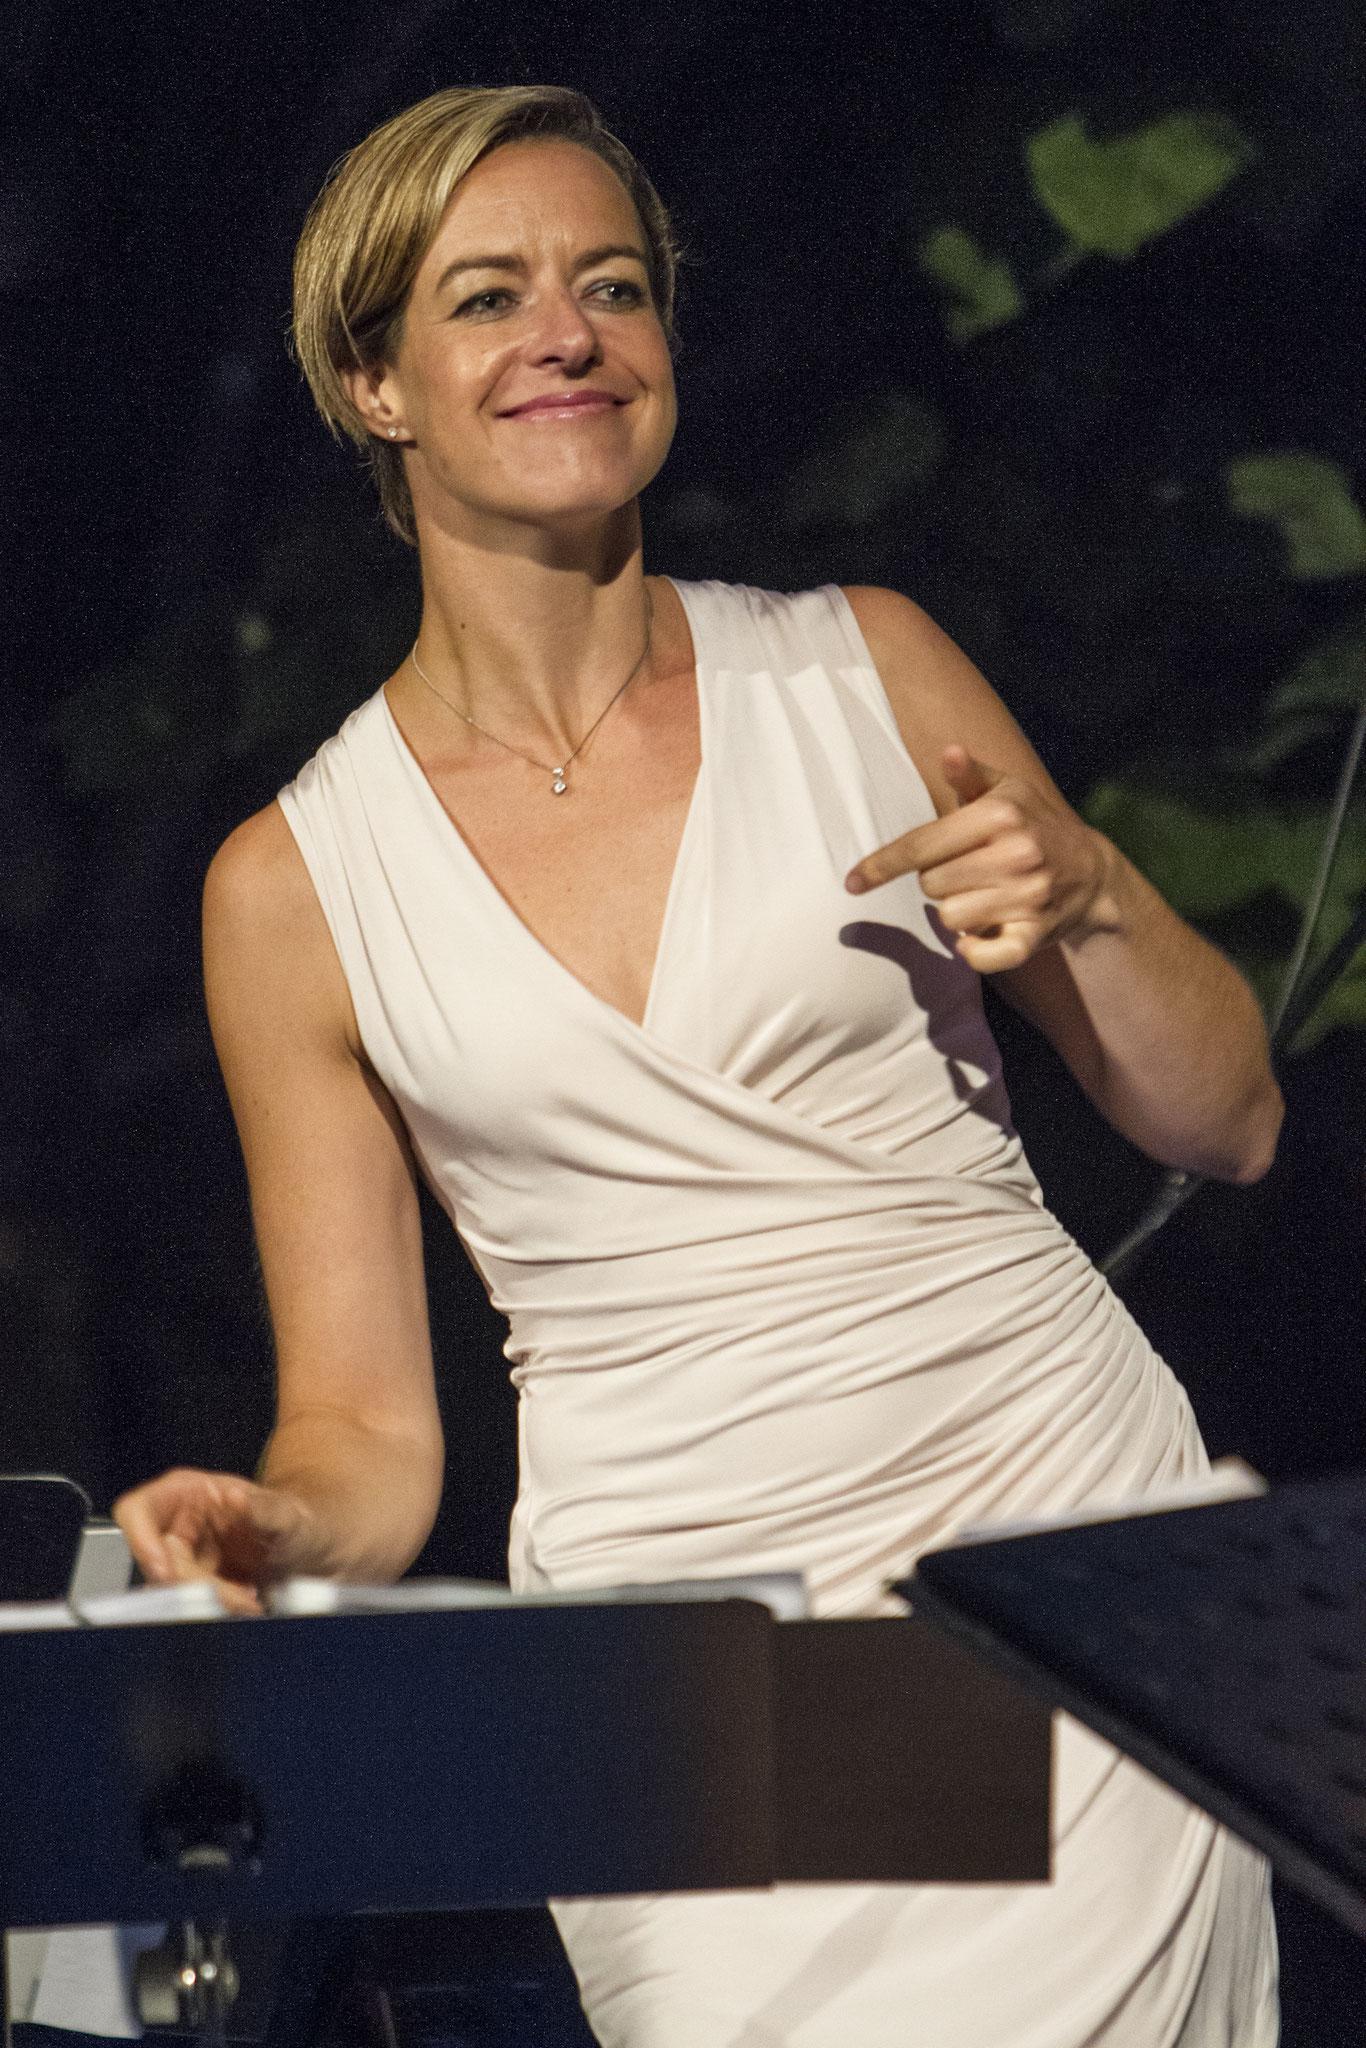 Partyband 'the flow' mit Sängerin Sigrun Schumacher bei Sommerabend der Wirtschaft, VRM, Mainz